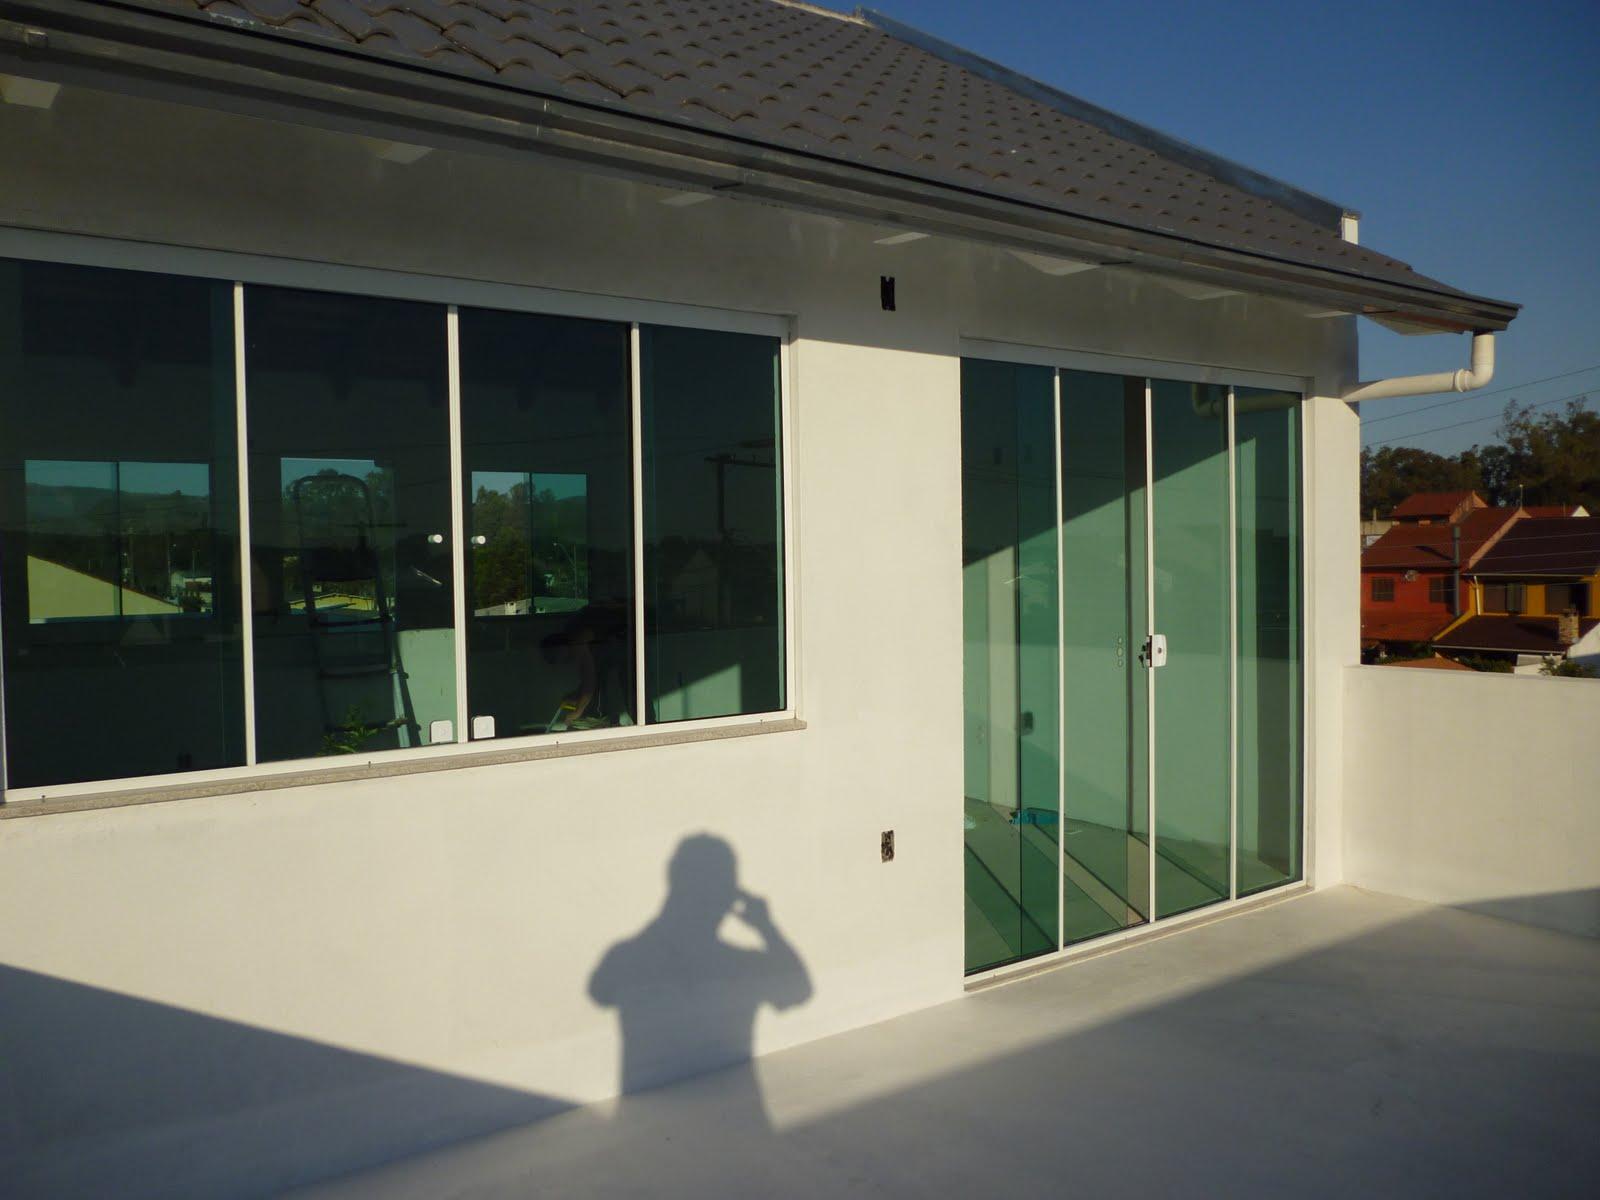 #663619  Soluções em vidros: Portas e janelas em vidro temperado Verde 78 Janelas De Vidro é Seguro